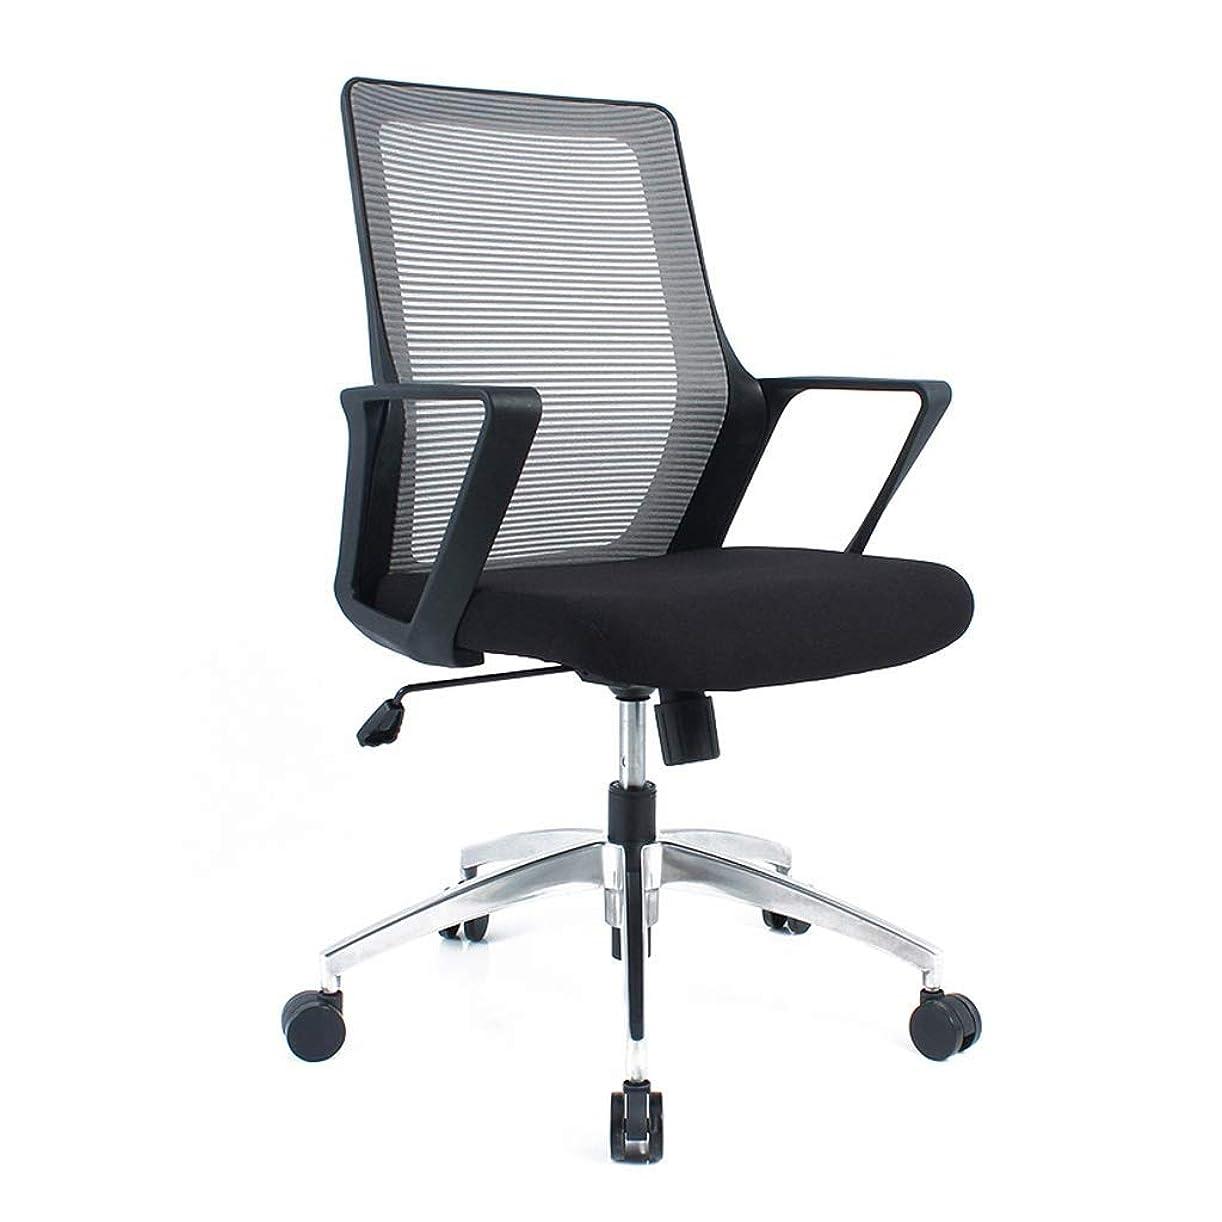 キー原告プラグオフィスチェアミドルバックウエストサポートデスクチェアコンピュータエルゴノミックメッシュチェアホームオフィスミーティングルーム肘掛け付 FENPING (Color : Black)